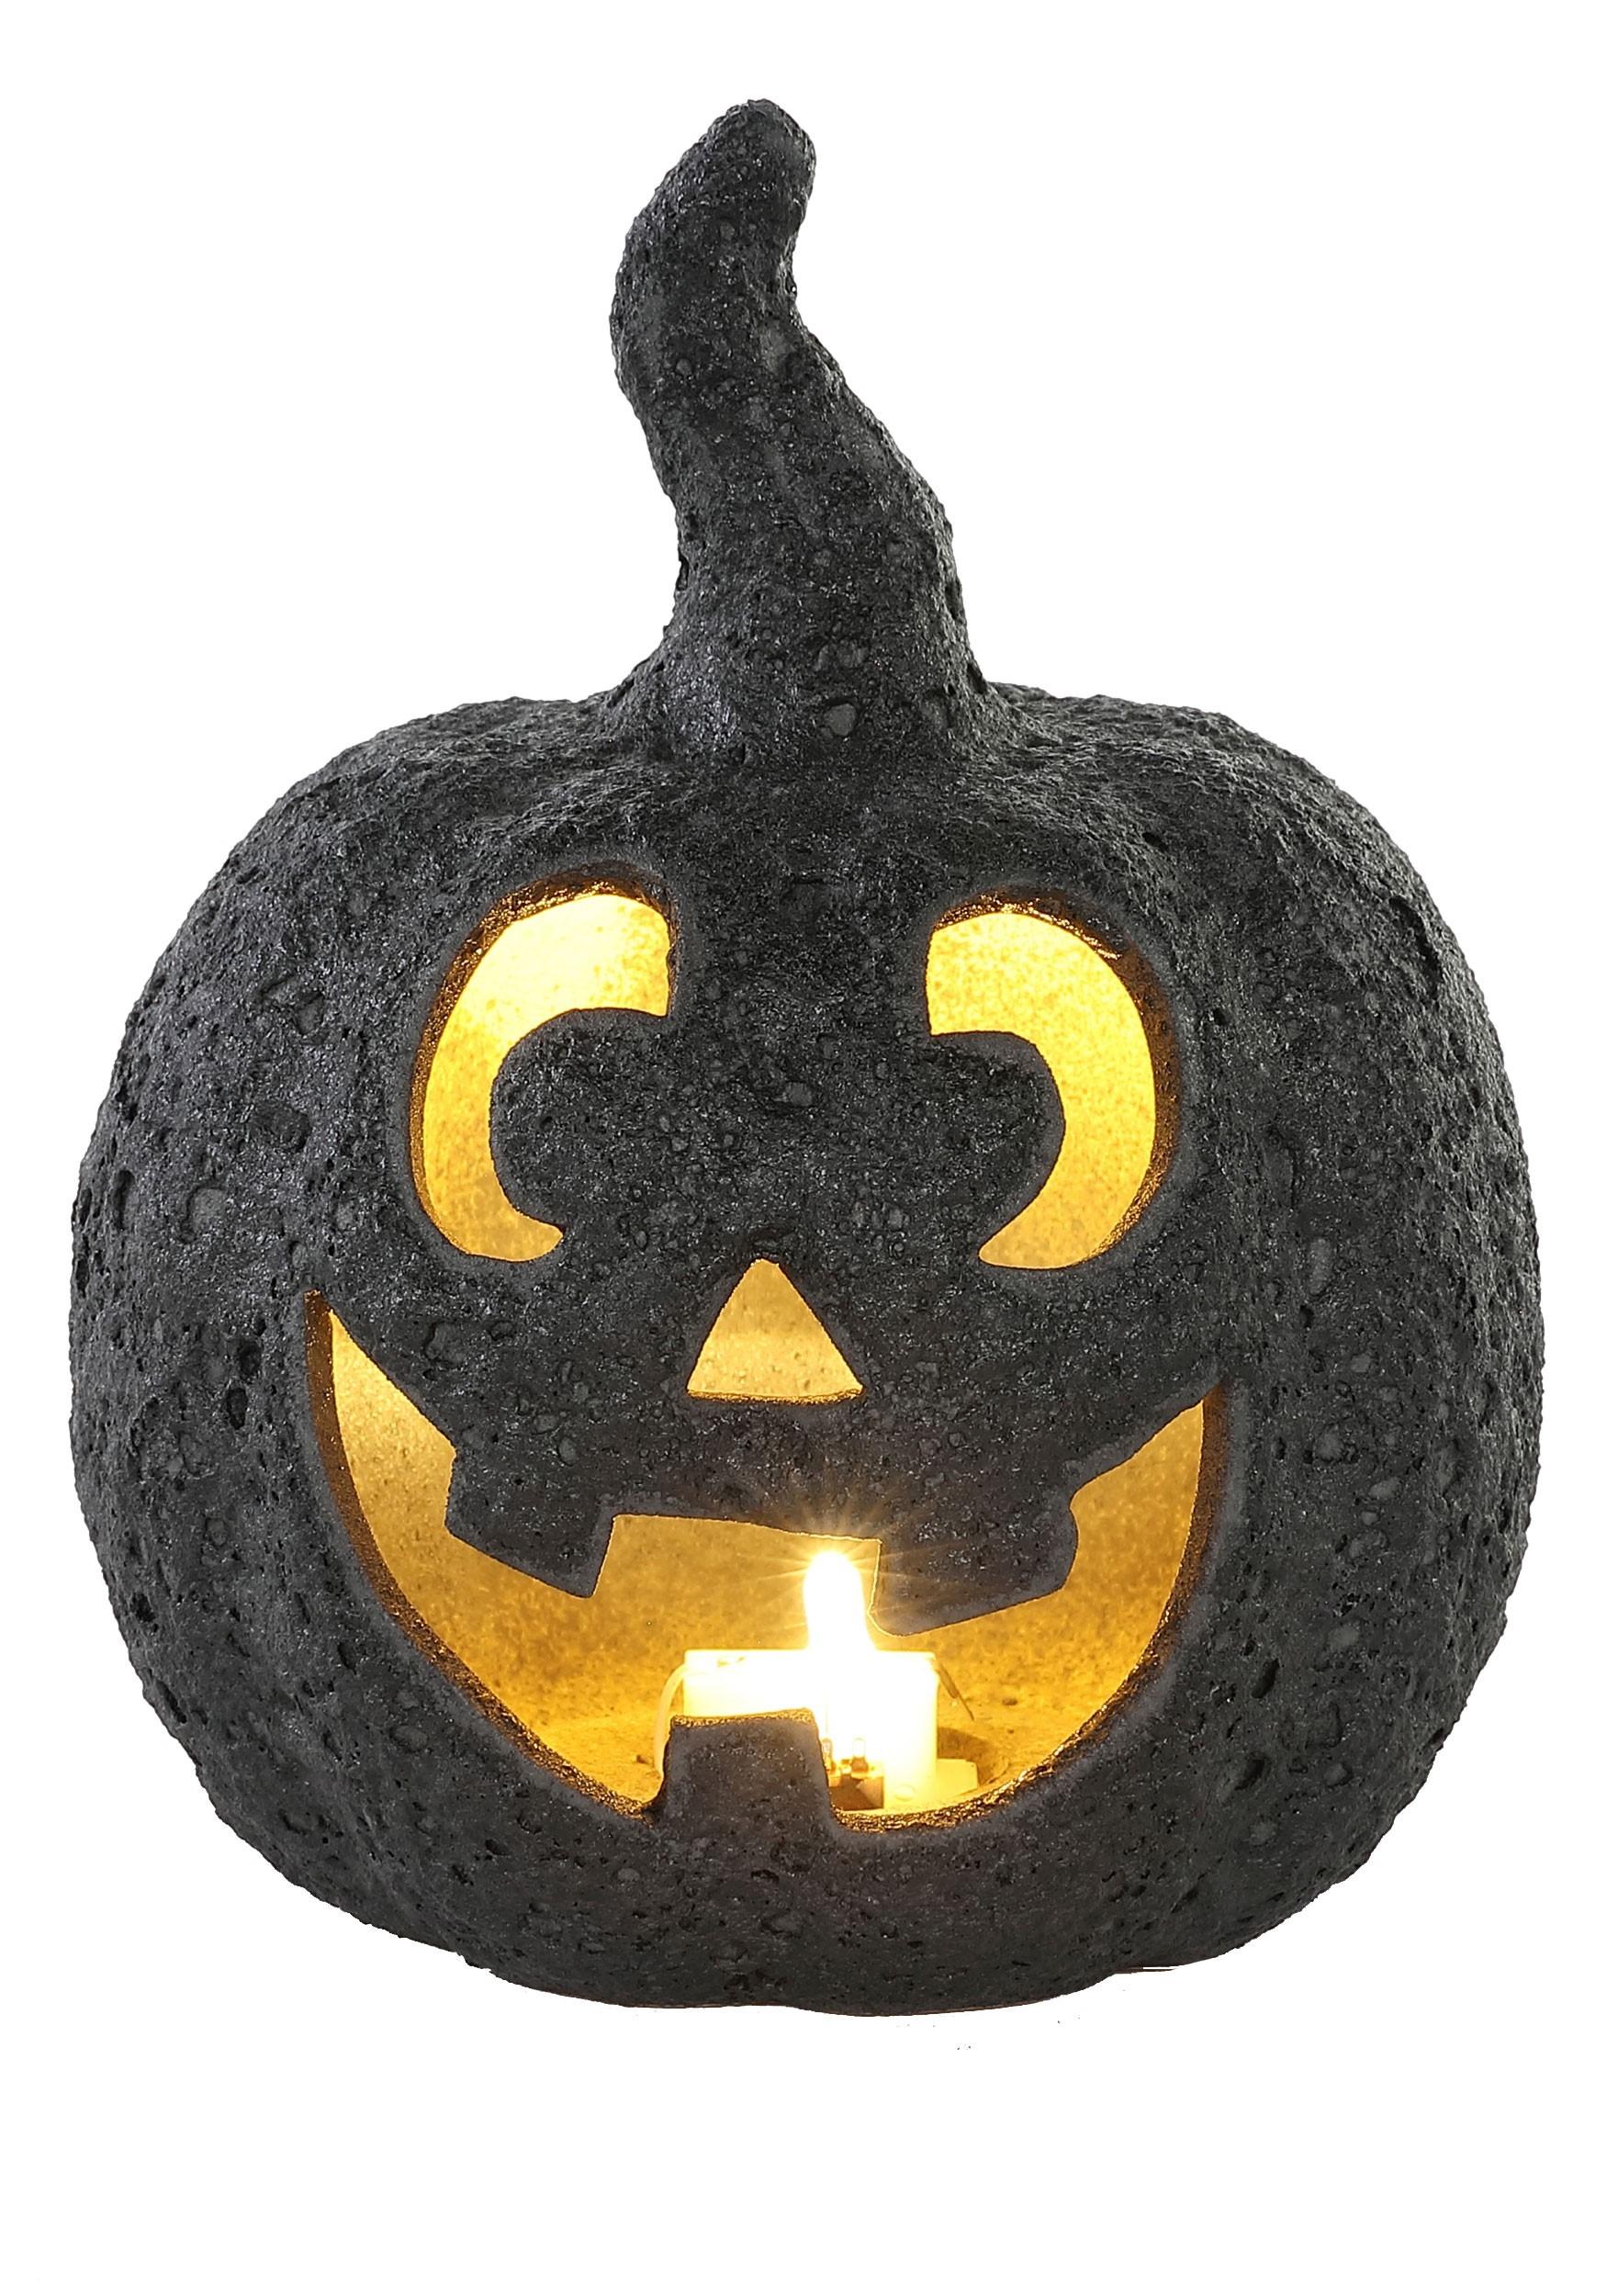 Small Black Stone-Look Glow Ceramic Pumpkin